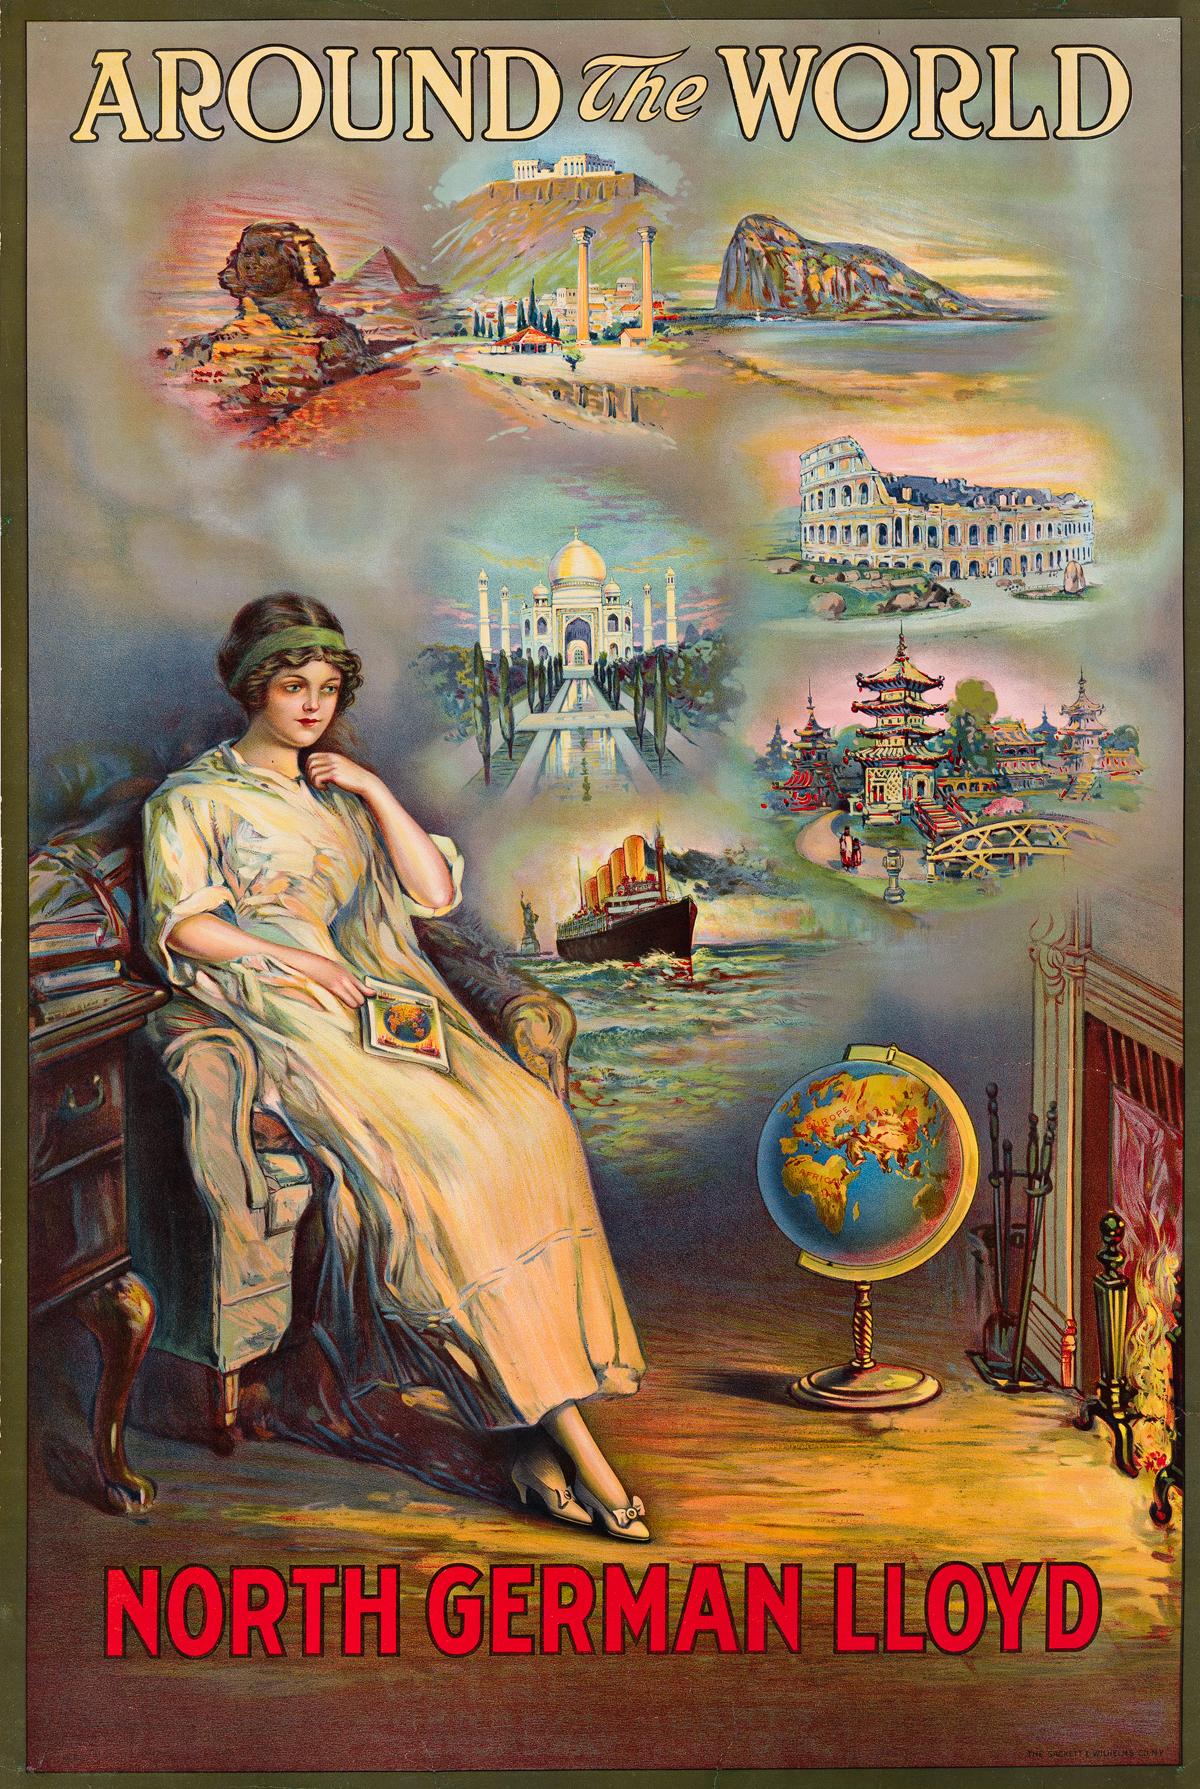 Designer Unknown.   AROUND THE WORLD / NORTH GERMAN LLOYD.  Circa 1910.